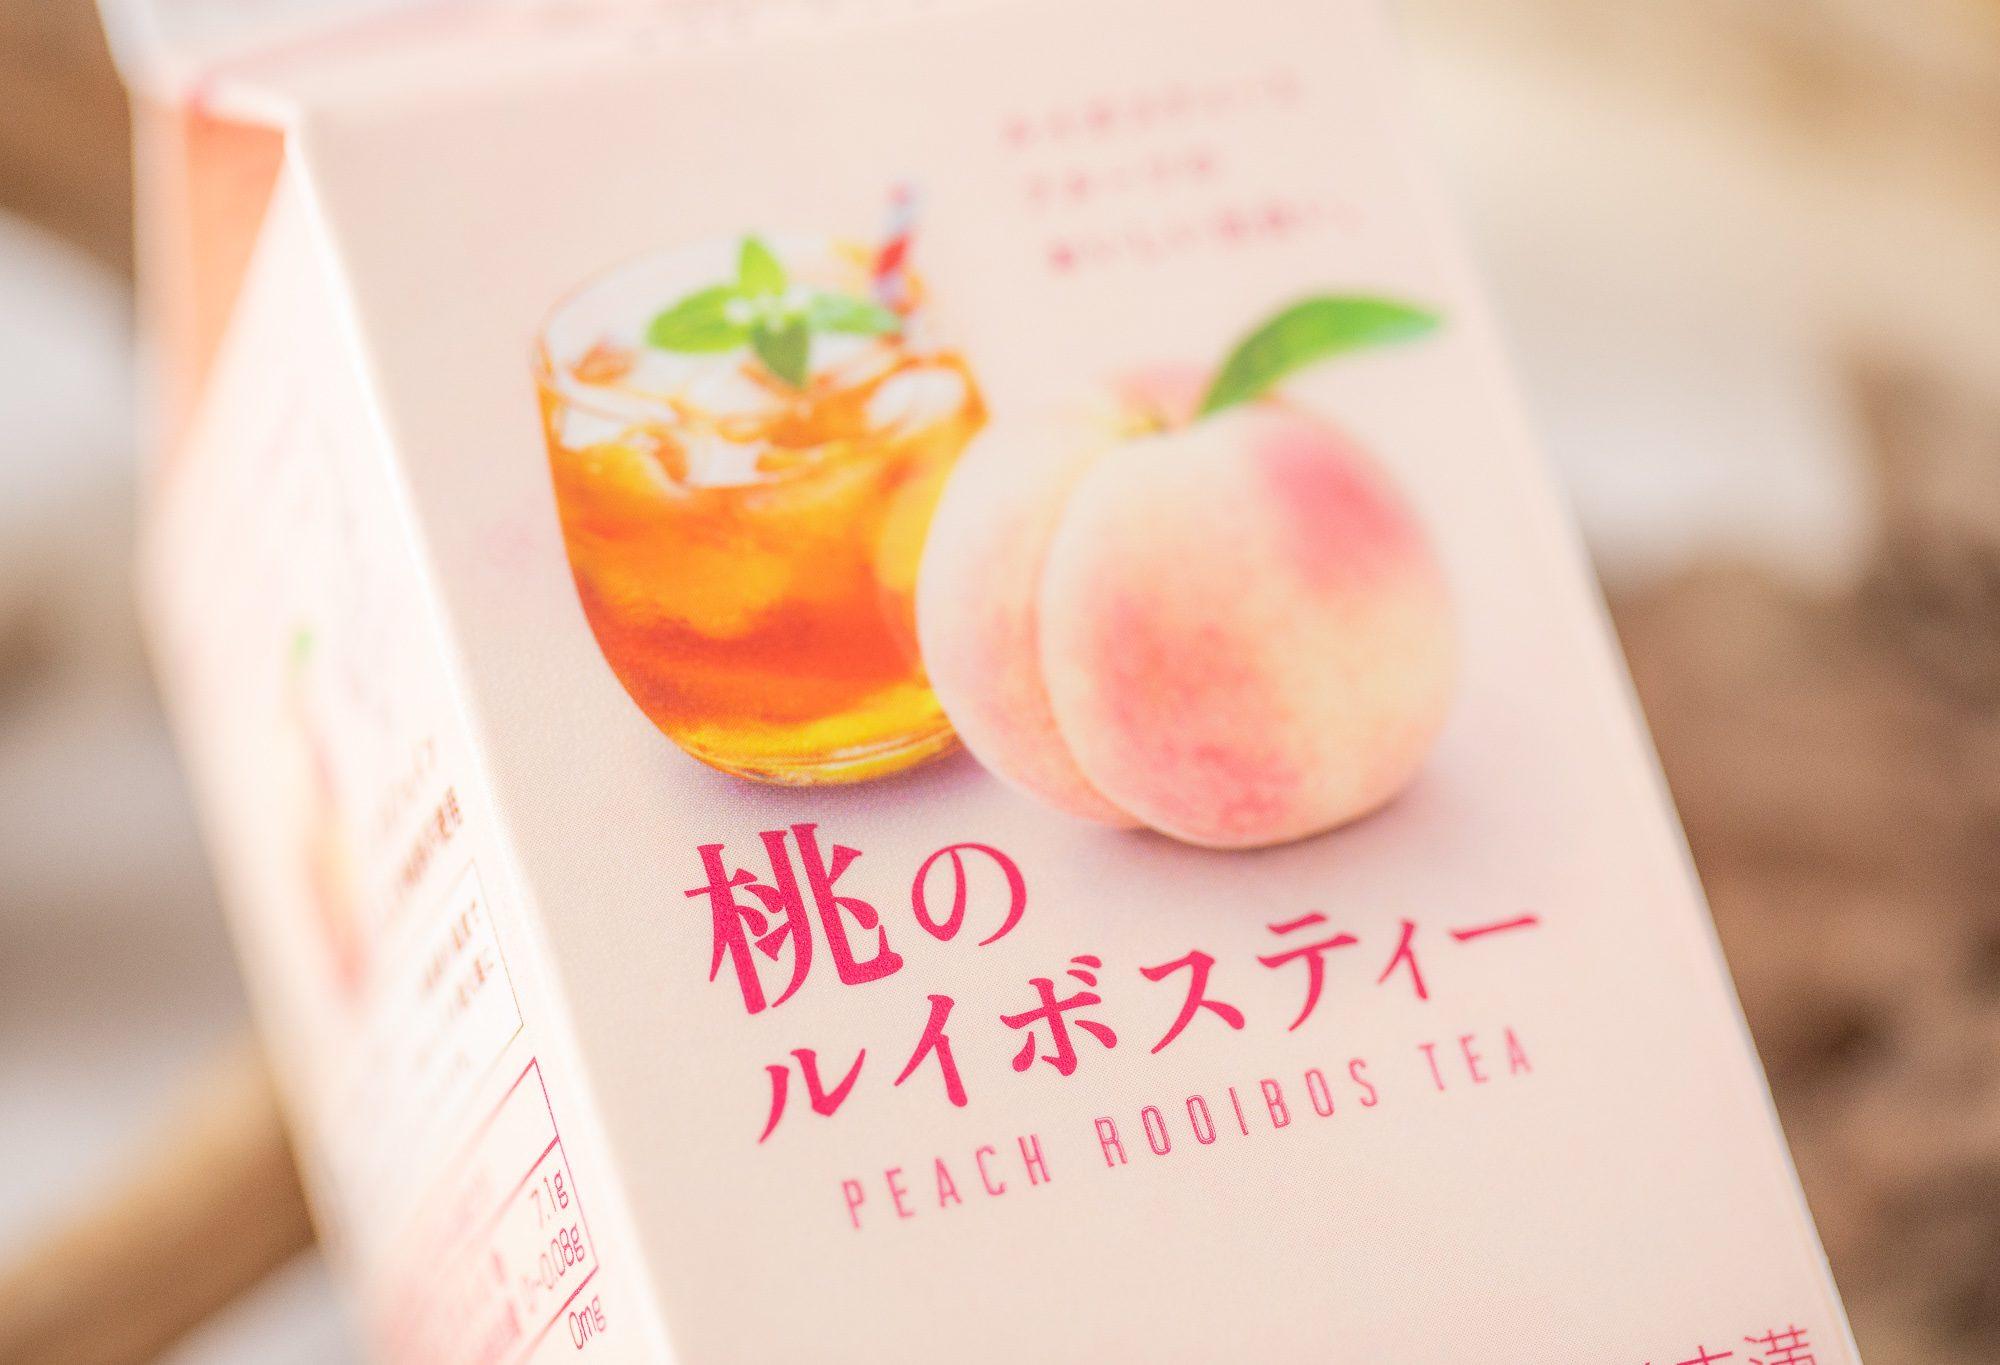 エルビー『&ROOIBOS 桃のルイボスティー』はルイボスティーらしい芳醇さと桃の優しい甘みが美味しい上品な仕上がりのフレーバーティー!